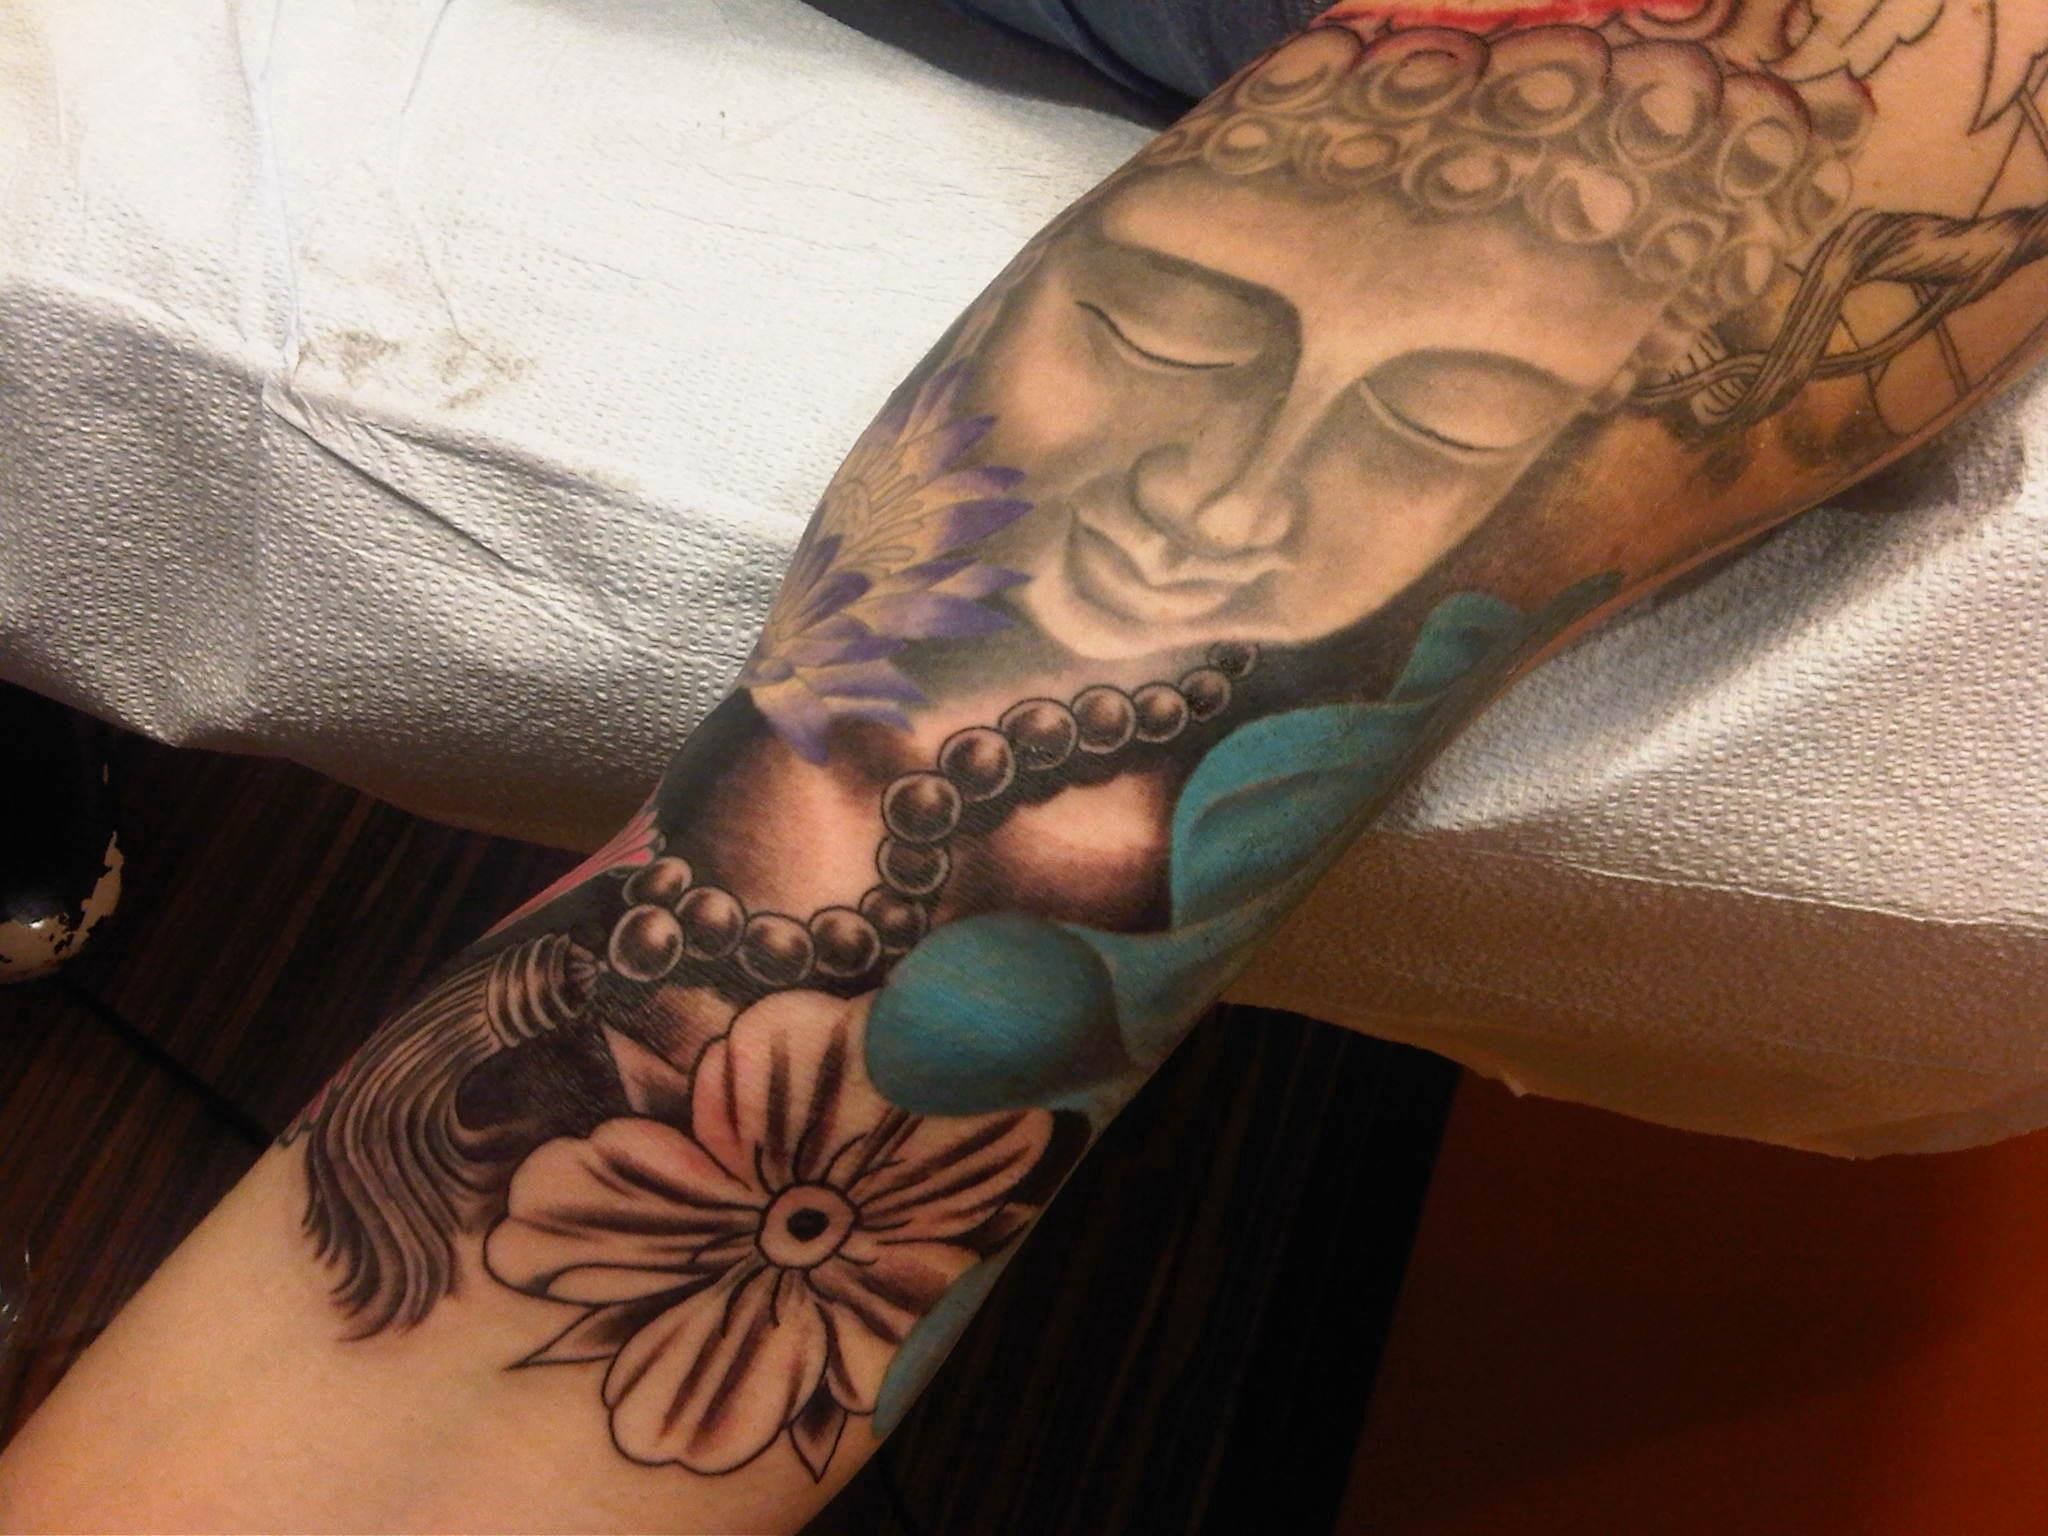 Download Design Tribal Gear Tattoo D Art Wallpaper Black Free 2048x1536